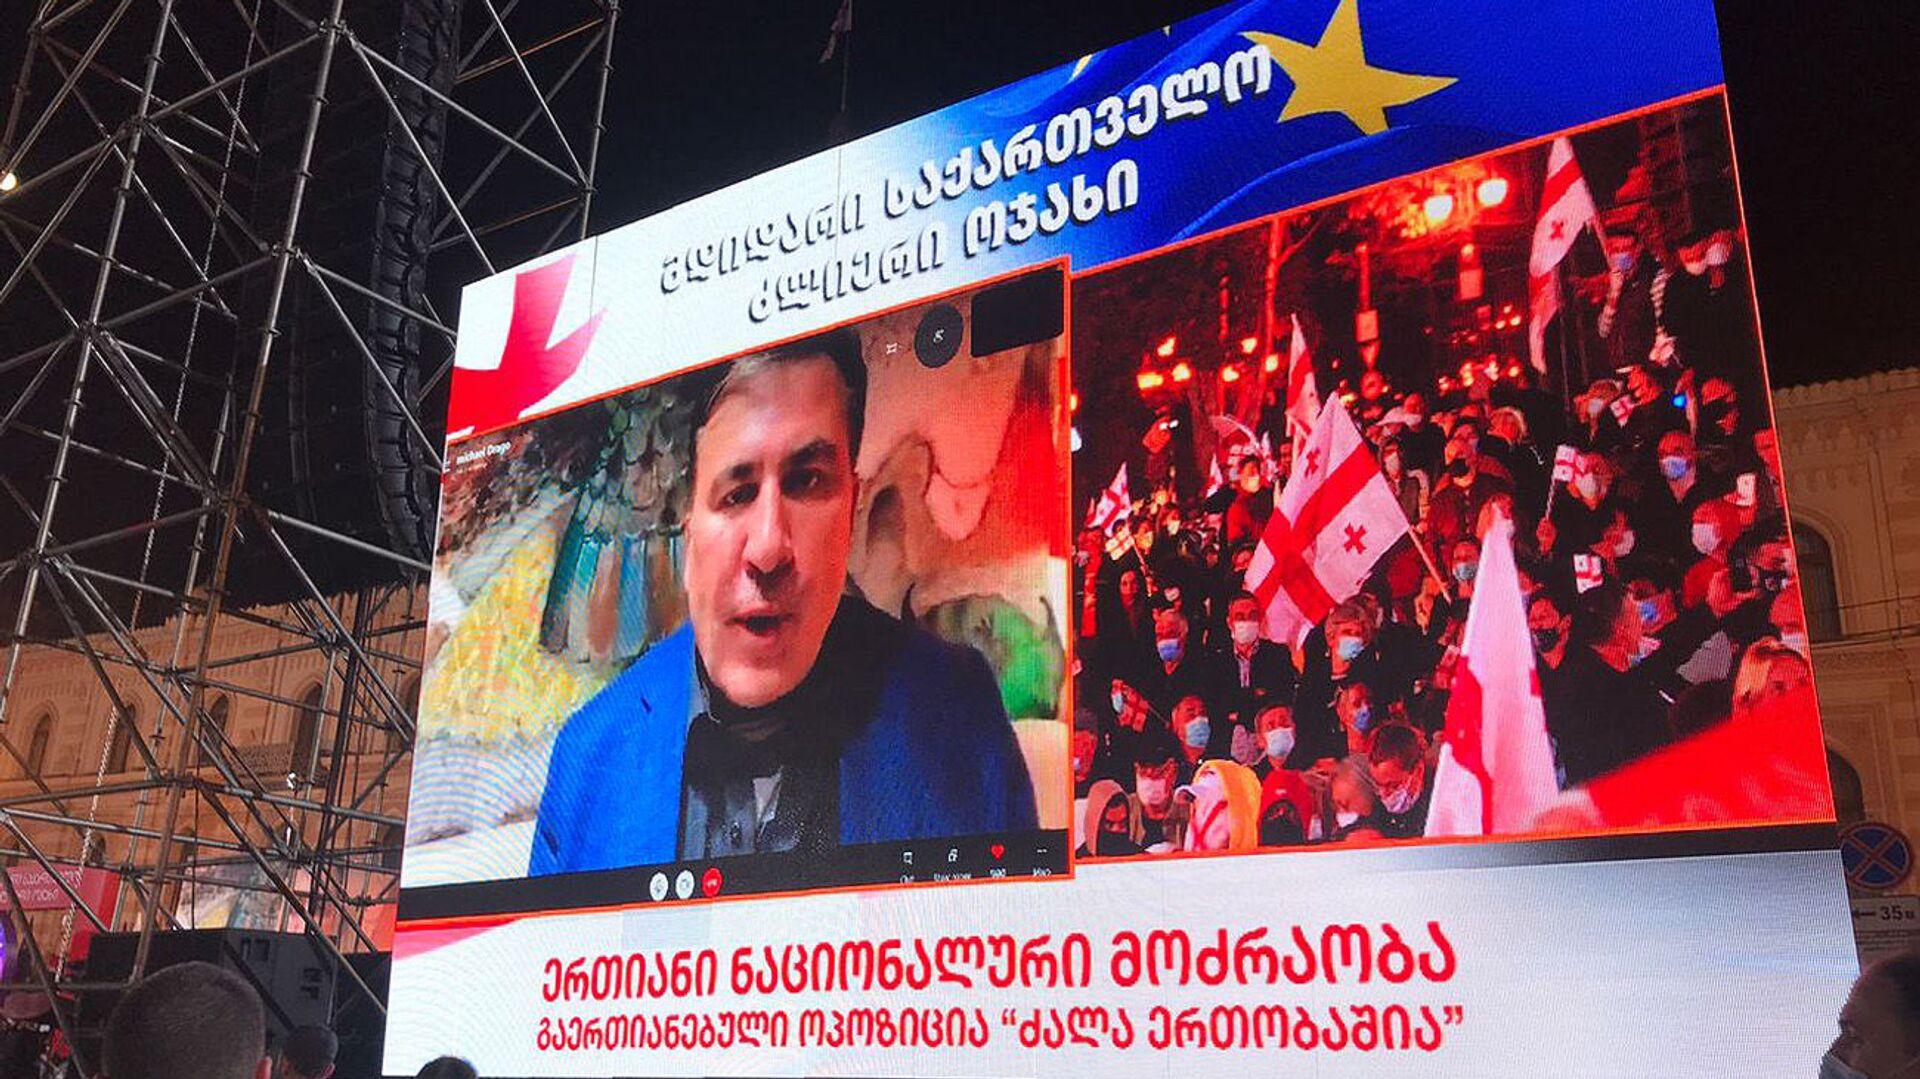 Акция сторонников Единого нацдвижения в центре грузинской столицы. Выступает Михаил Саакашвили - Sputnik Грузия, 1920, 06.10.2021